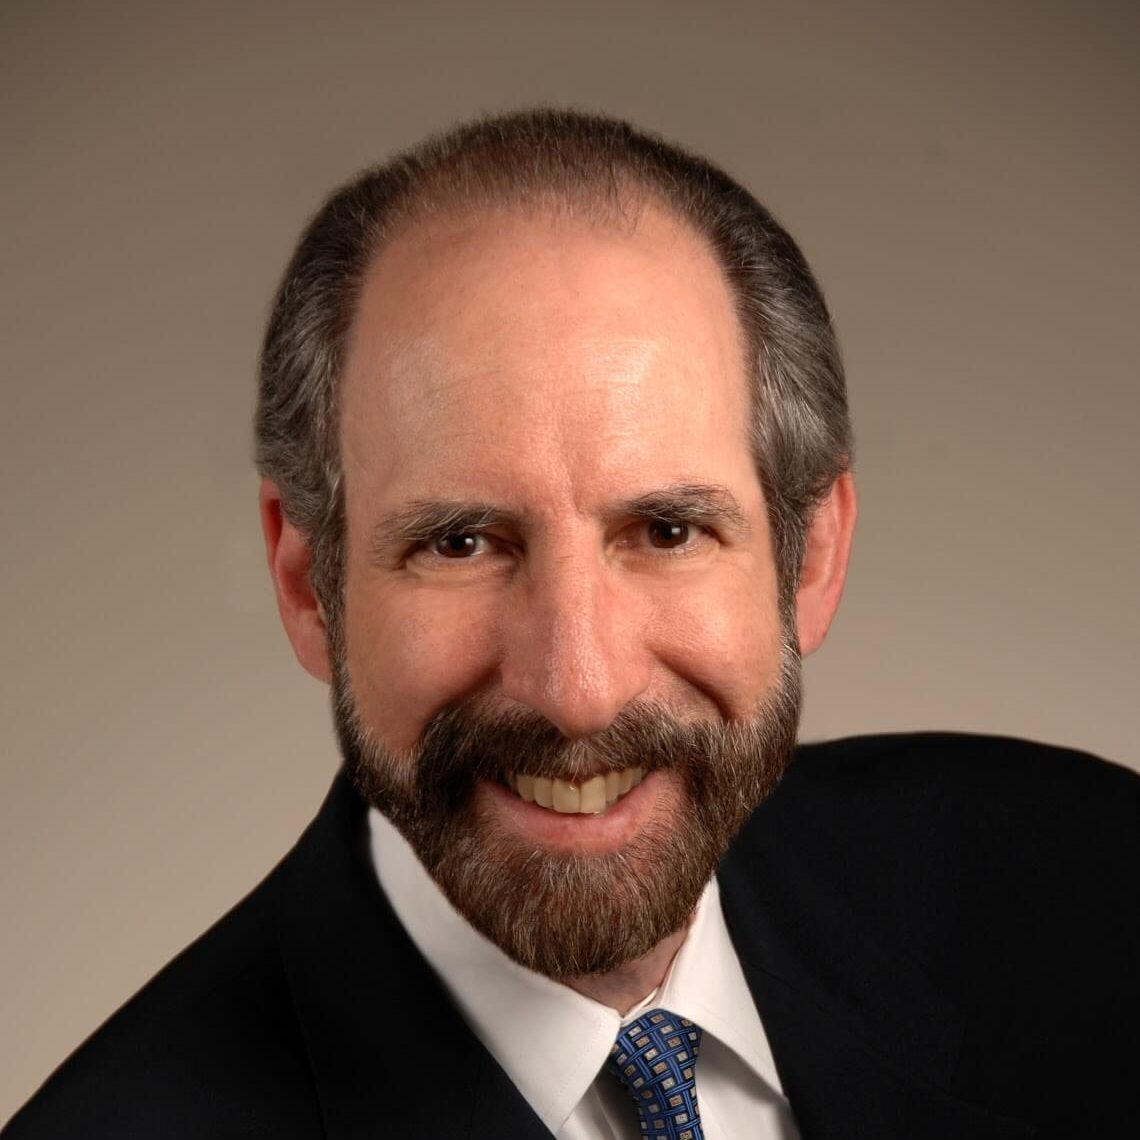 Ronald Germain, MD, PhD